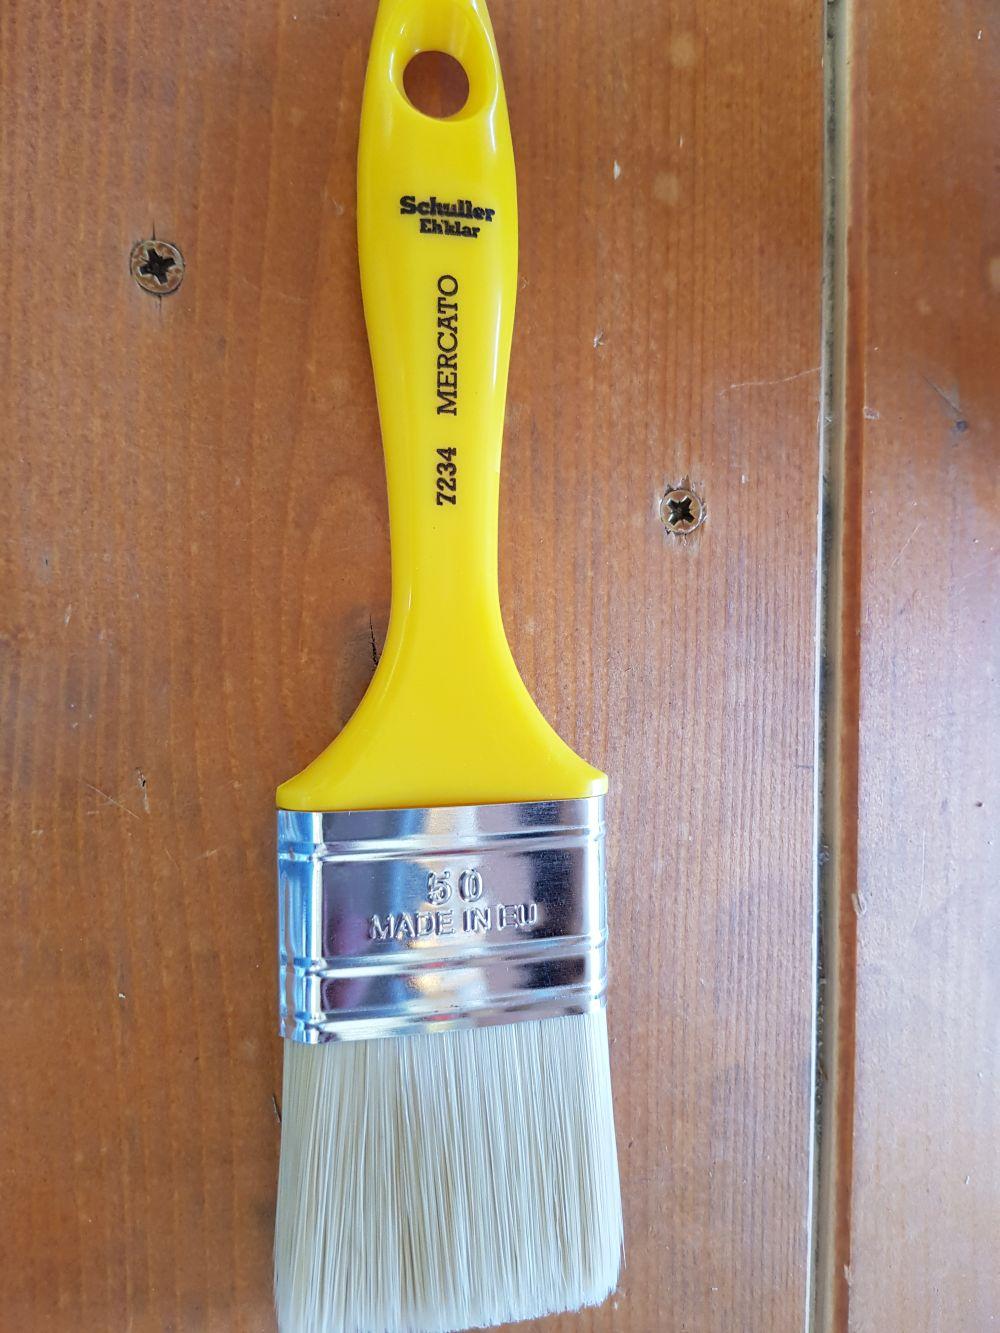 Ecset müanyag sárga 70mm sch BAUplaza Kft.